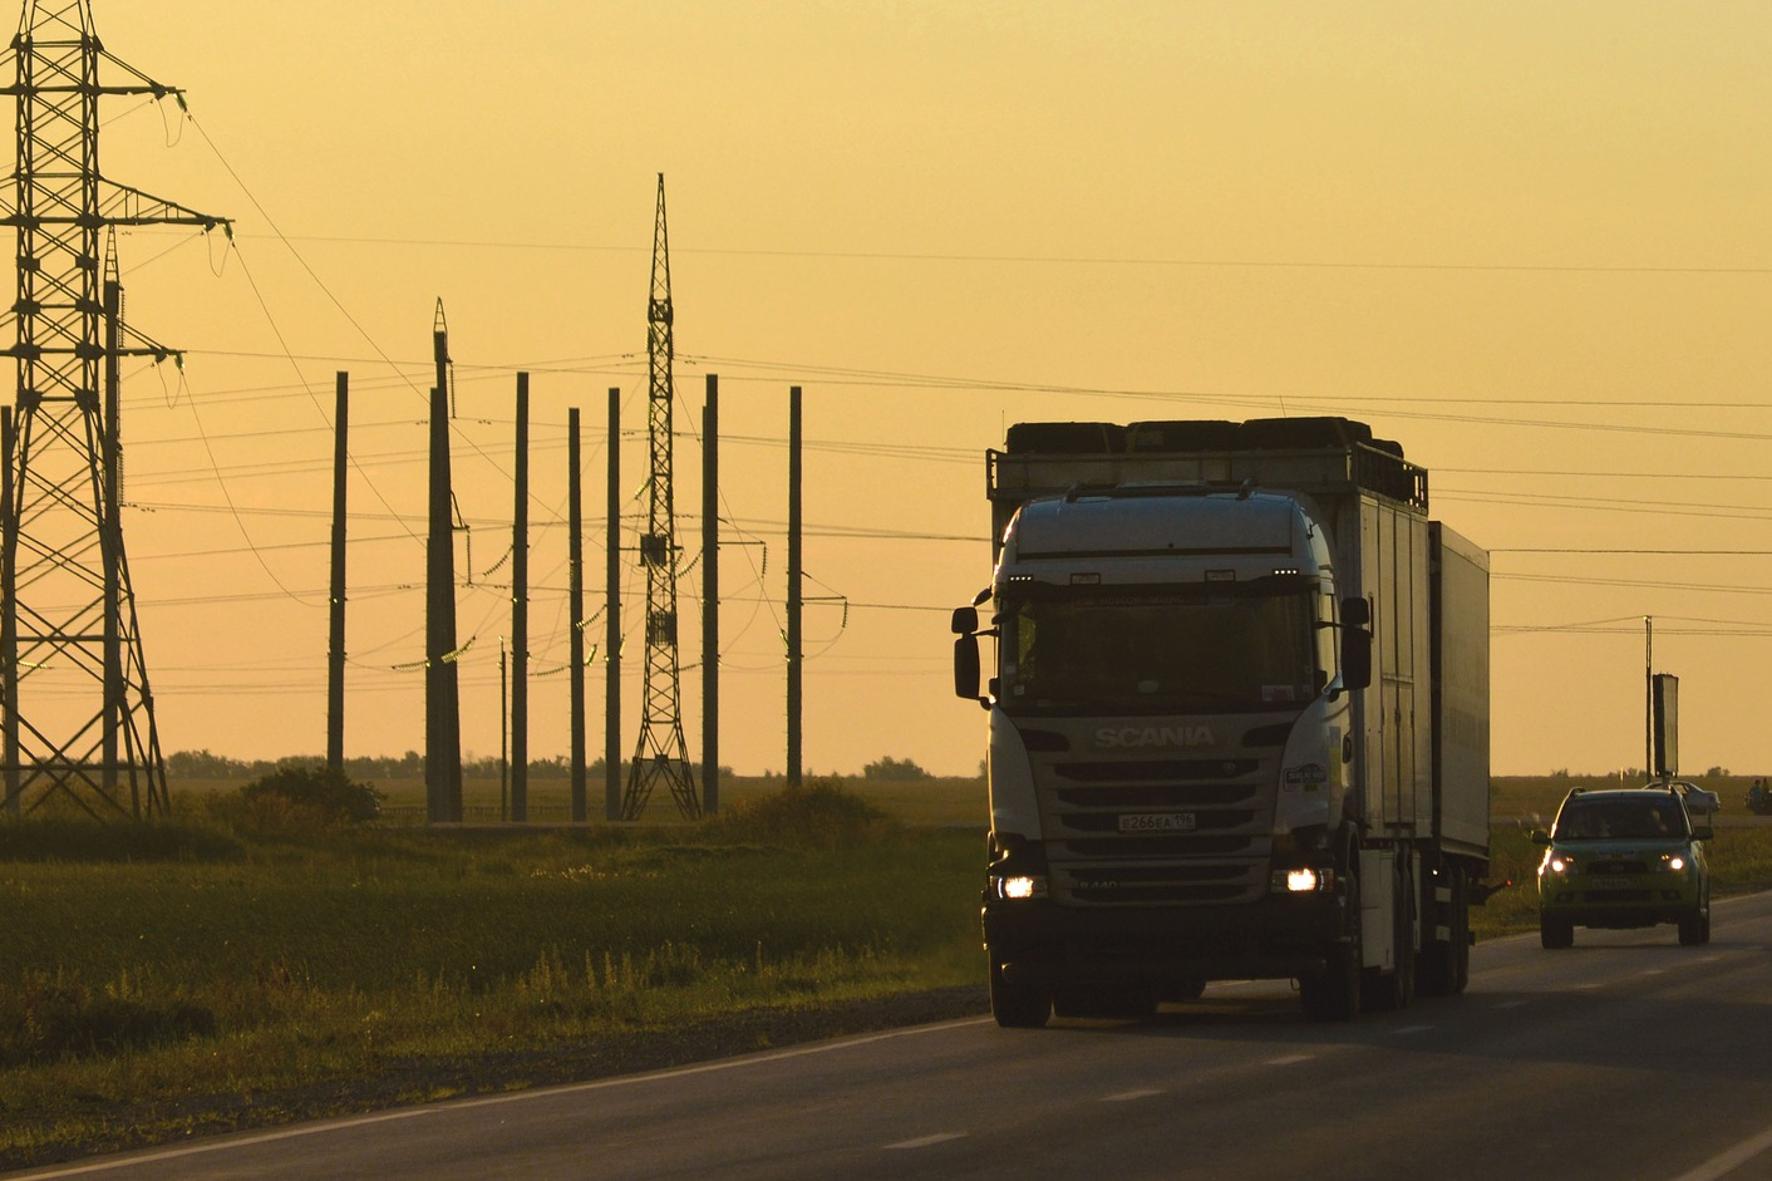 mid Groß-Gerau - Lkw sollen sauberer werden: Die EU verschärft bis 2030 schrittweise Grenzwerte für den CO2-Ausstoß von Nutzfahrzeugen. Pixabay.de / Vladimir Fayl